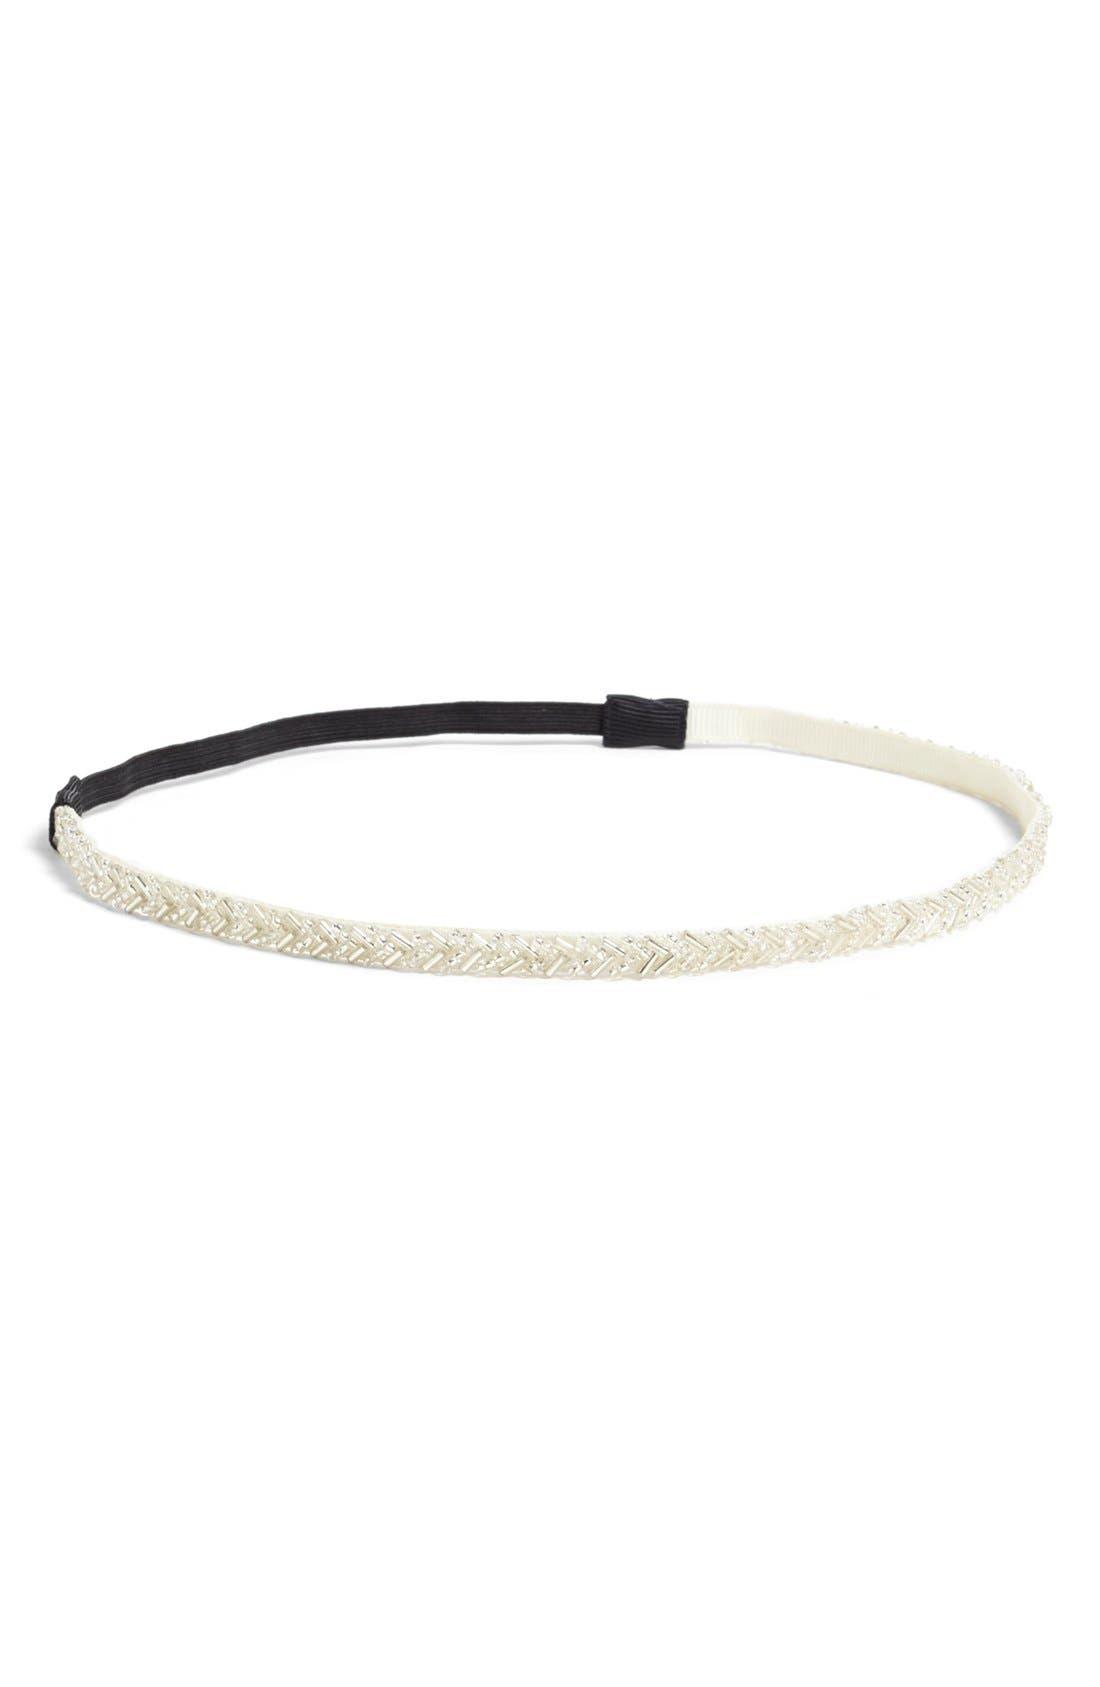 Alternate Image 1 Selected - Lulu Beaded Headband (Juniors)